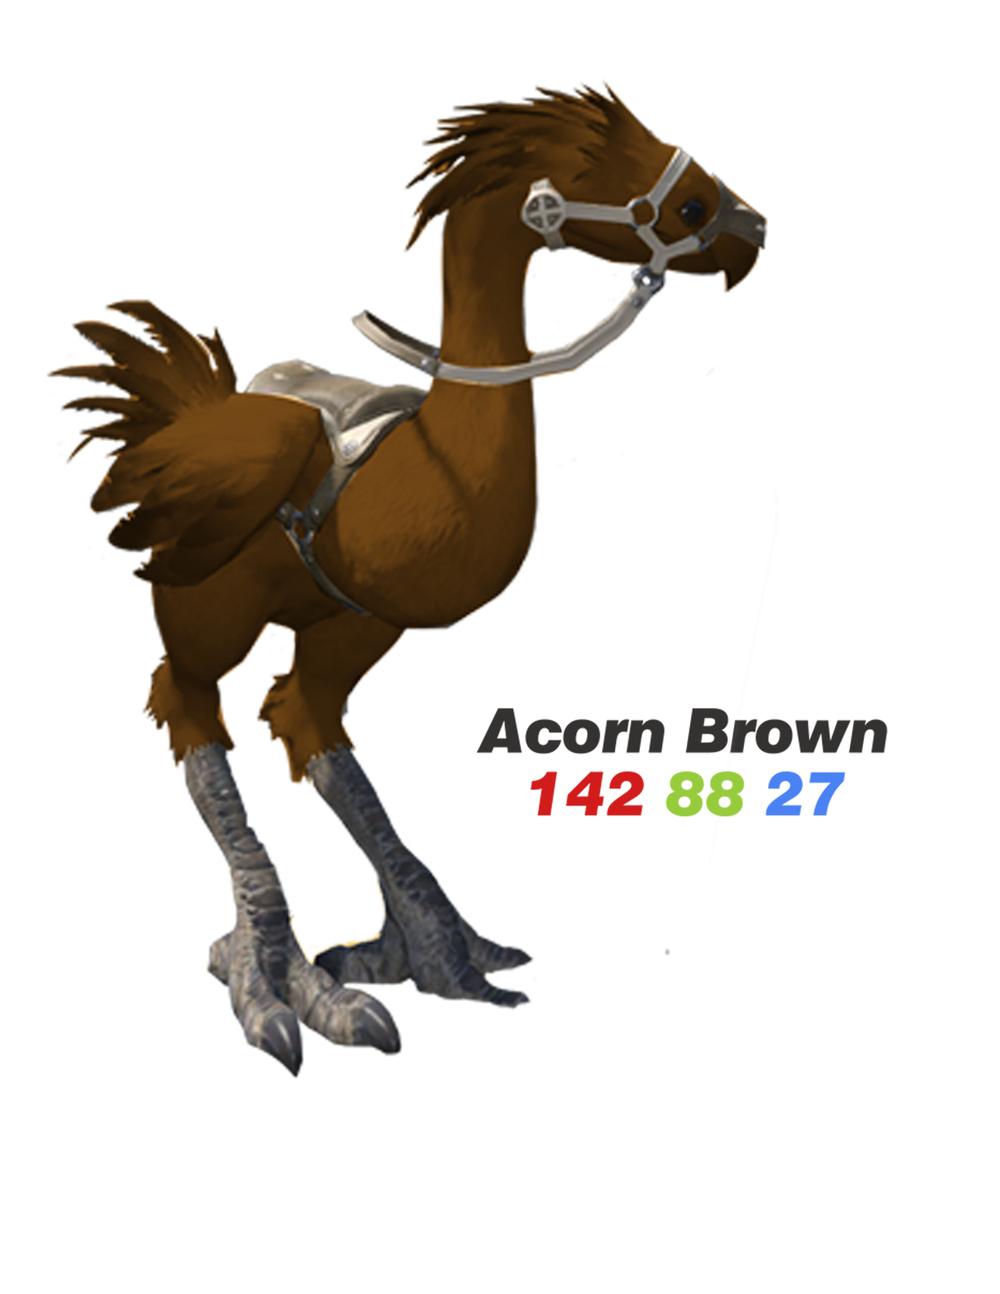 AcornBrown.png